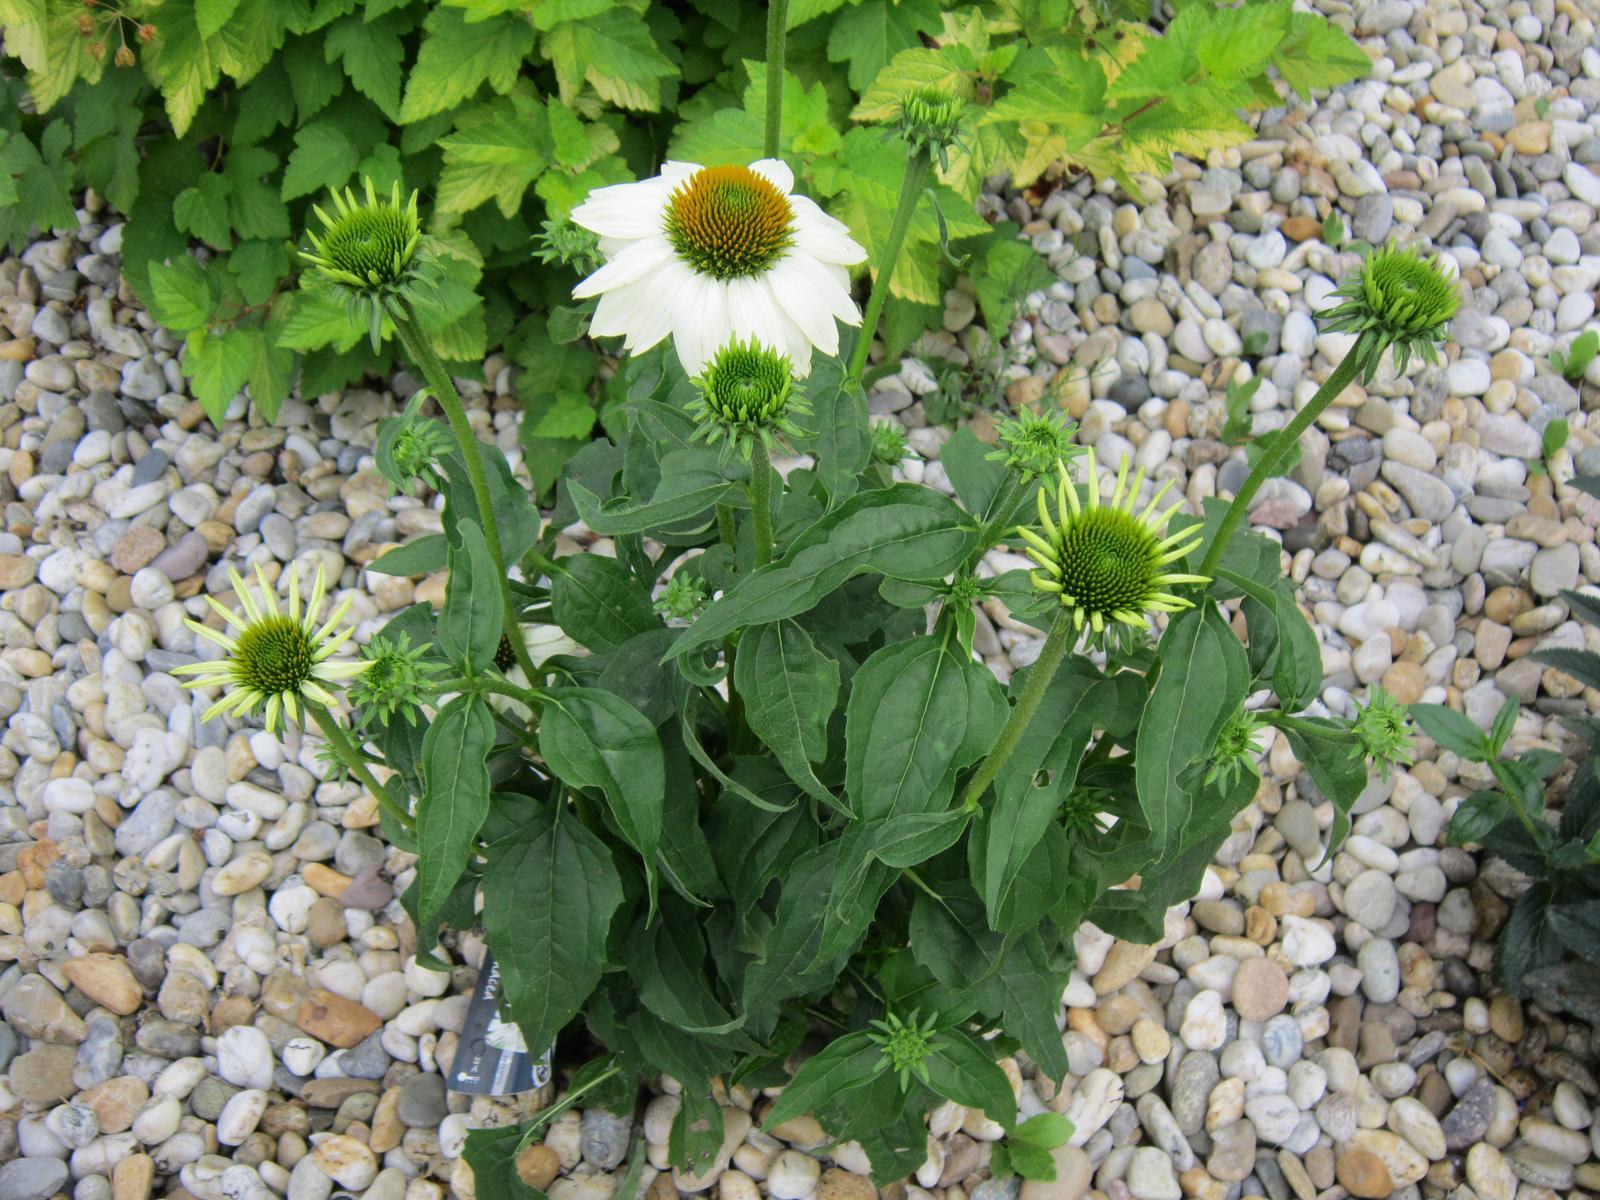 Moja záhrada...ako šiel čas - Biela echinacea...mám z nej radosť...